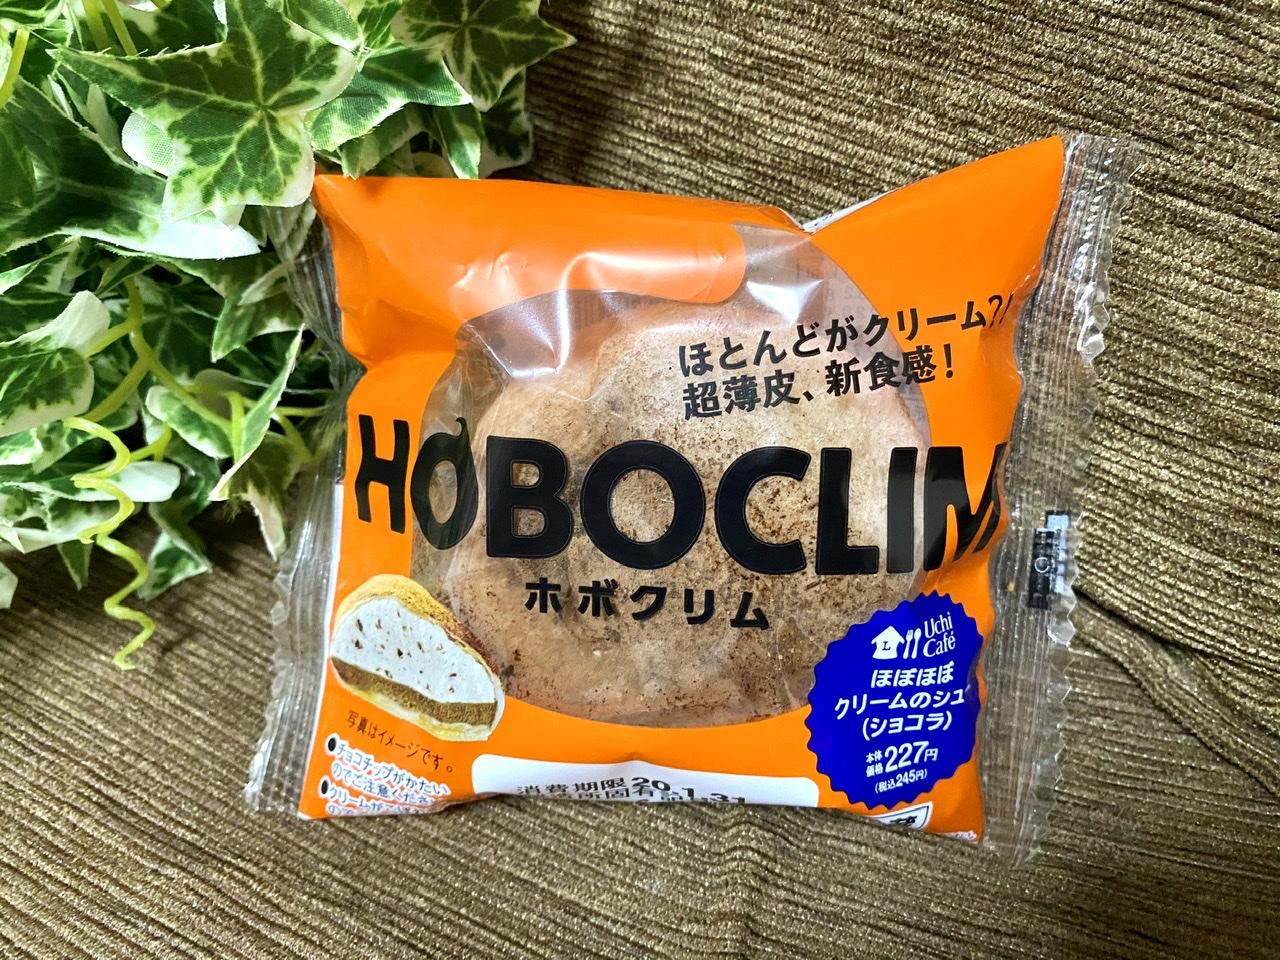 【ローソンスイーツ】あの爆売れ商品《ホボクリム》がショコラverになって新登場♡_1